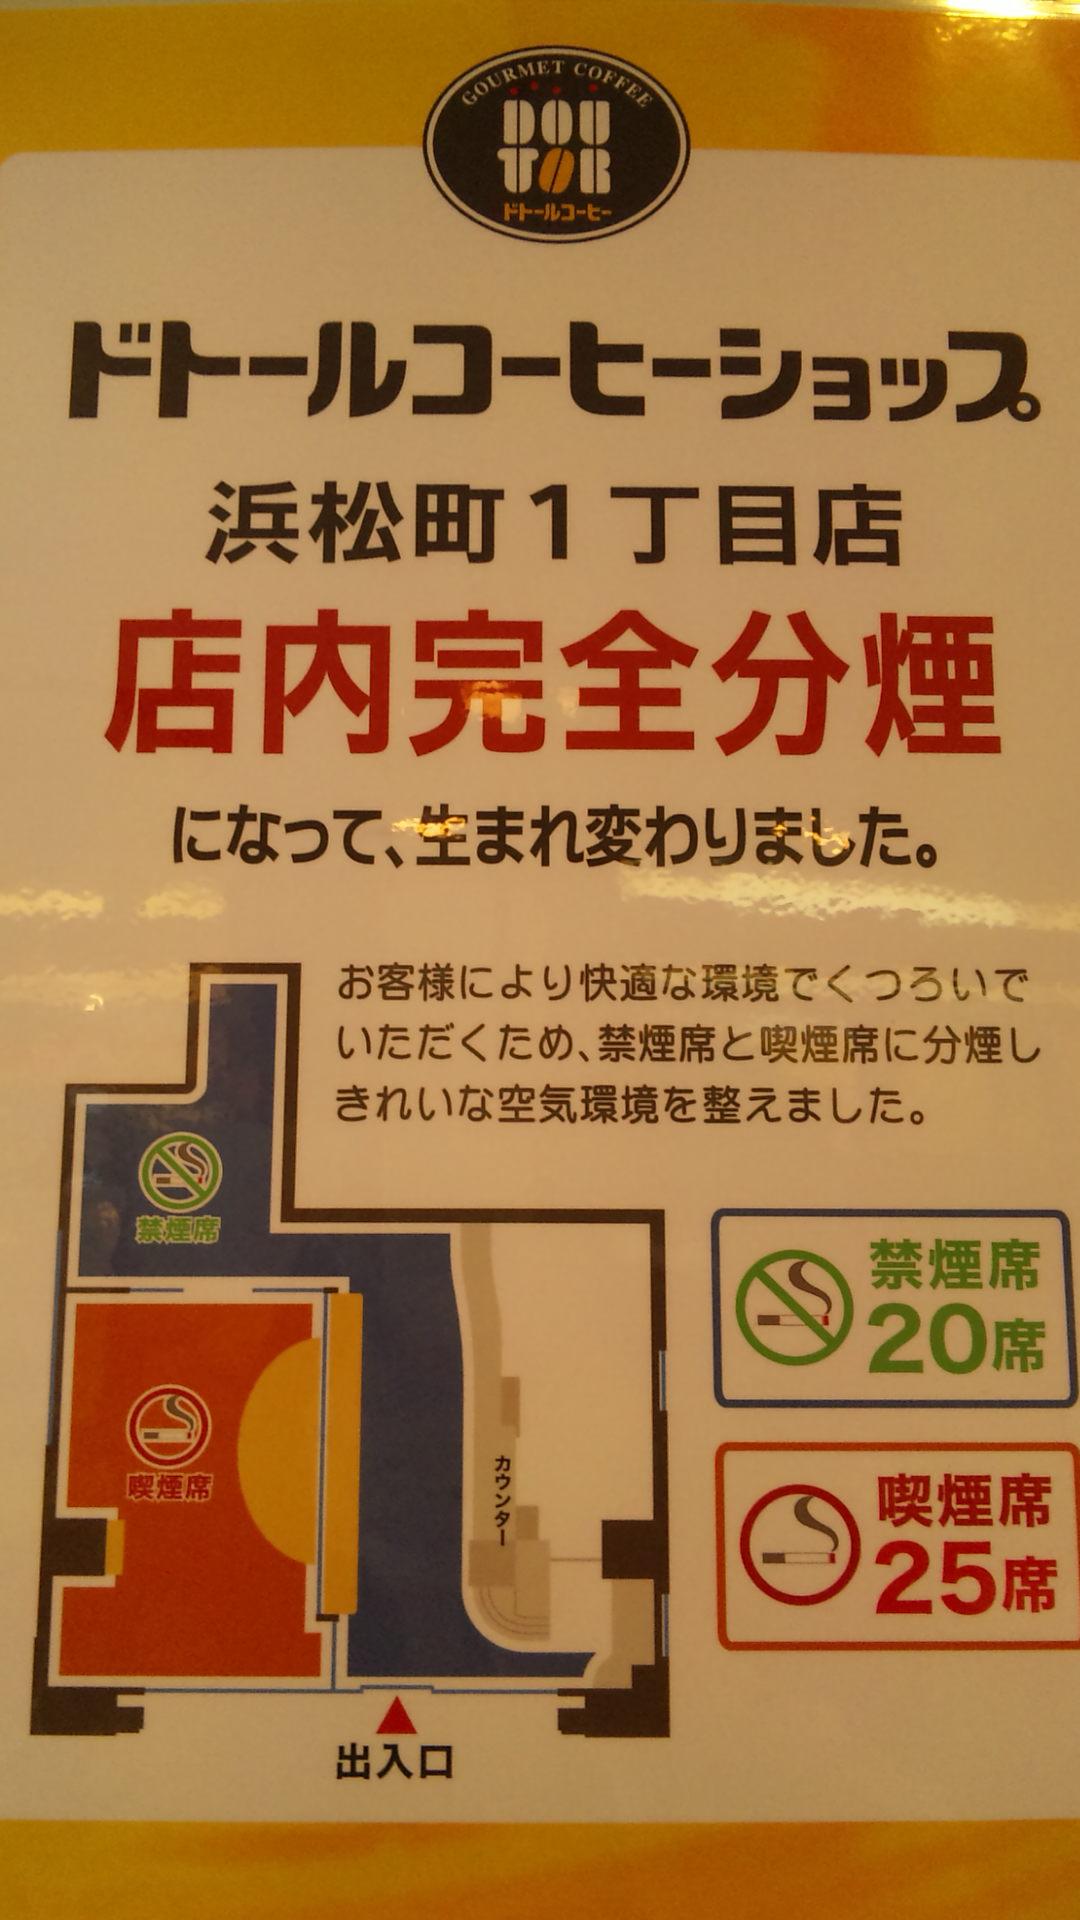 ドトールコーヒーショップ 浜松町1丁目店